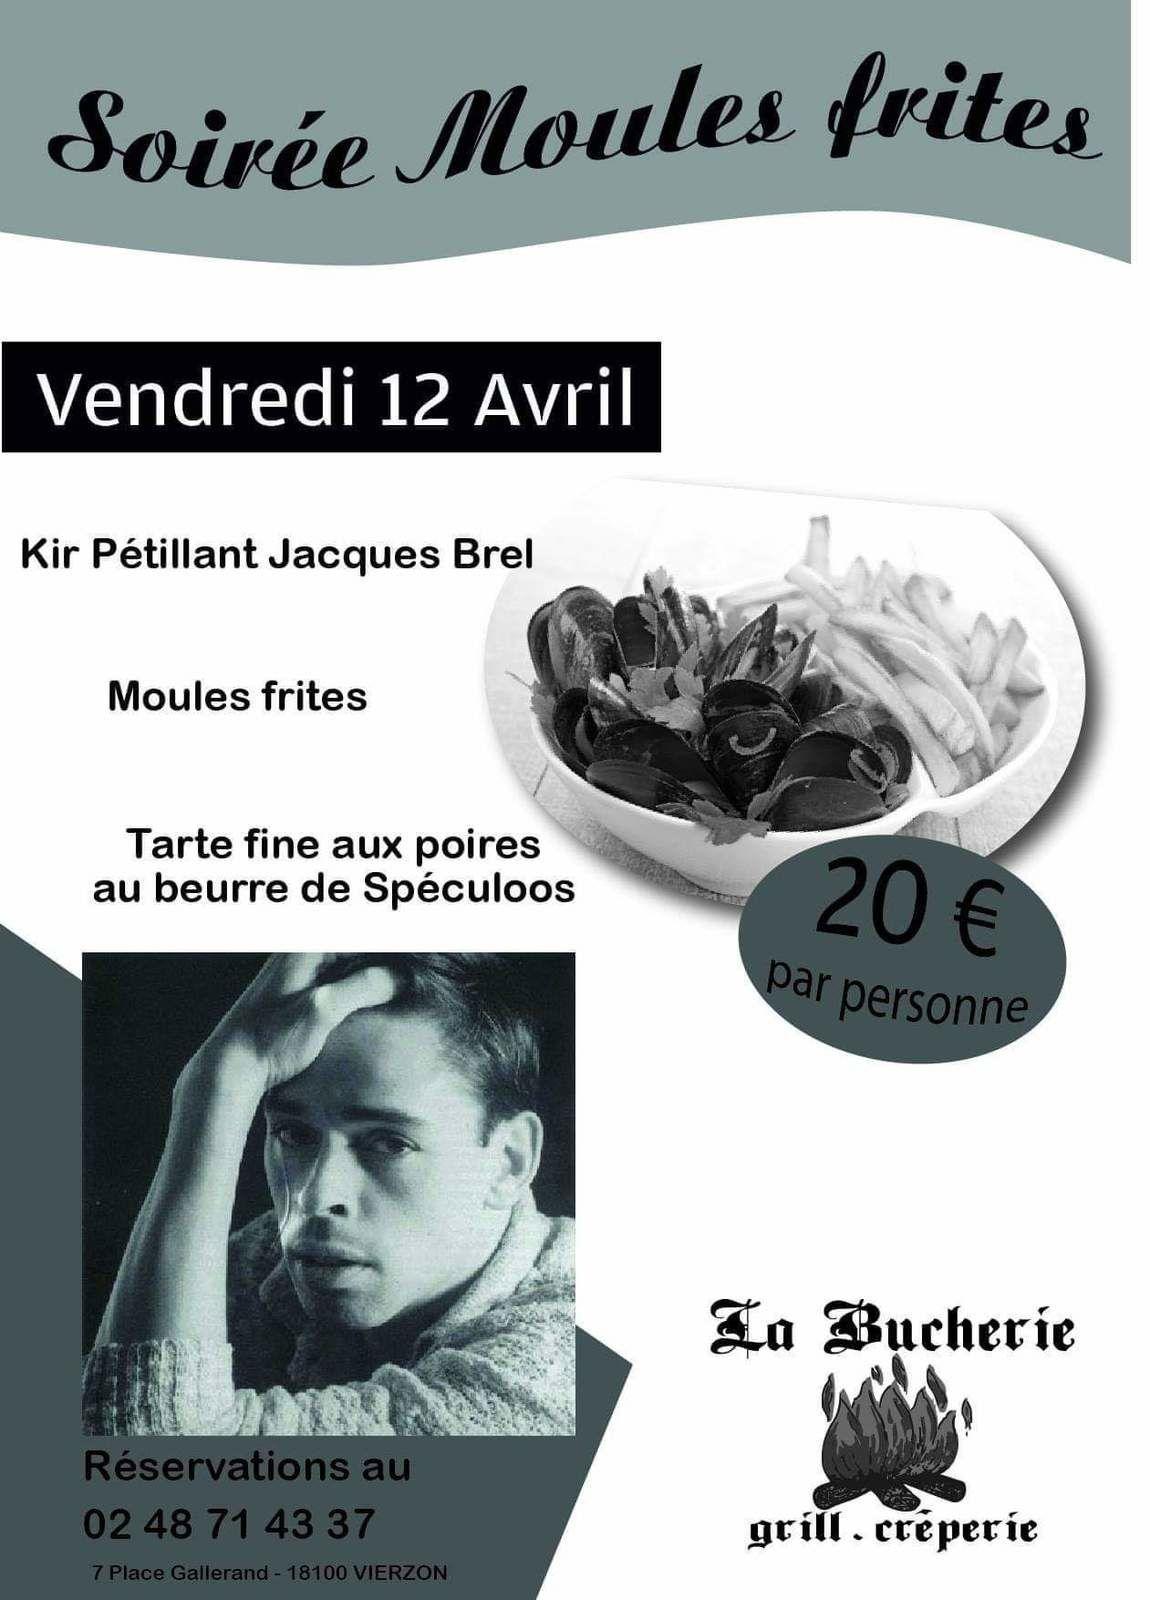 Le restaurant la Bûcherie consacre un menu aux 90 ans de Jacques Brel ce vendredi 12 avril